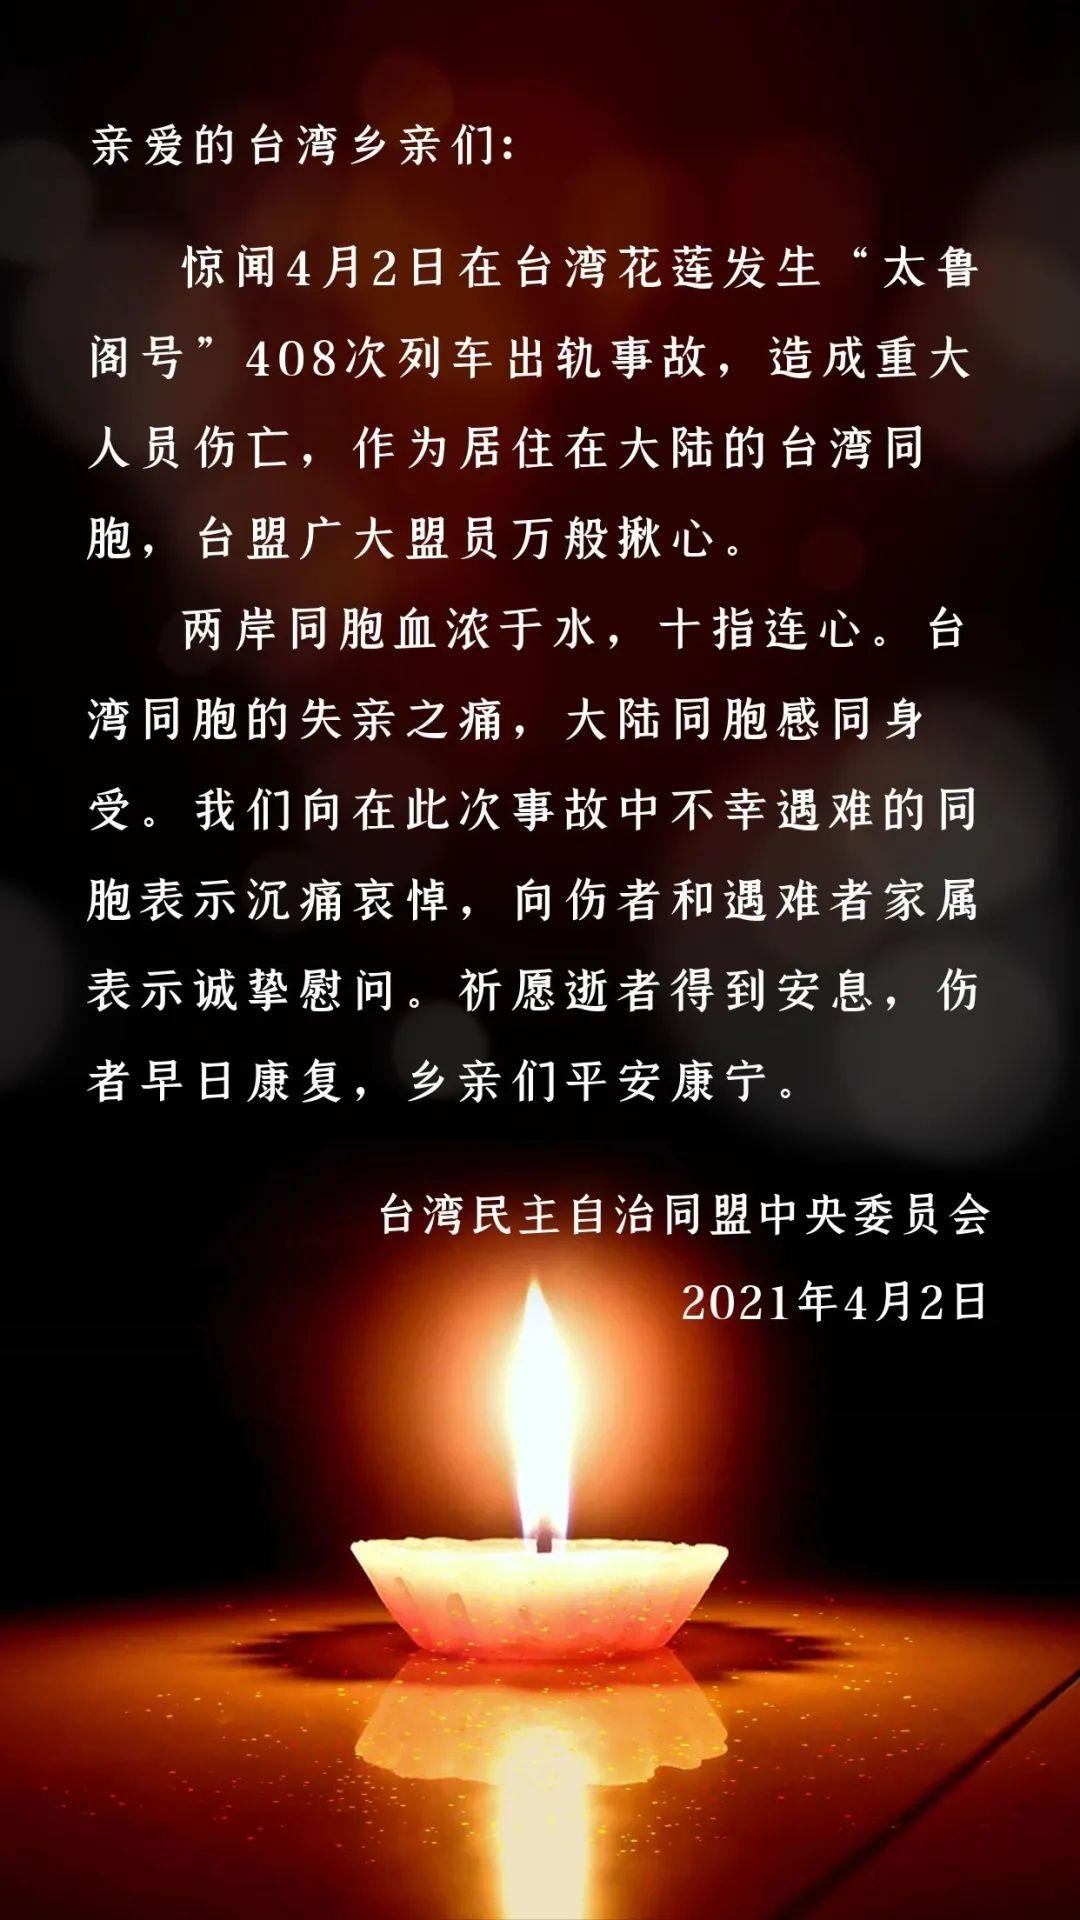 台盟中央就台铁太鲁阁号列车出轨事故向台湾乡亲致慰问信图片